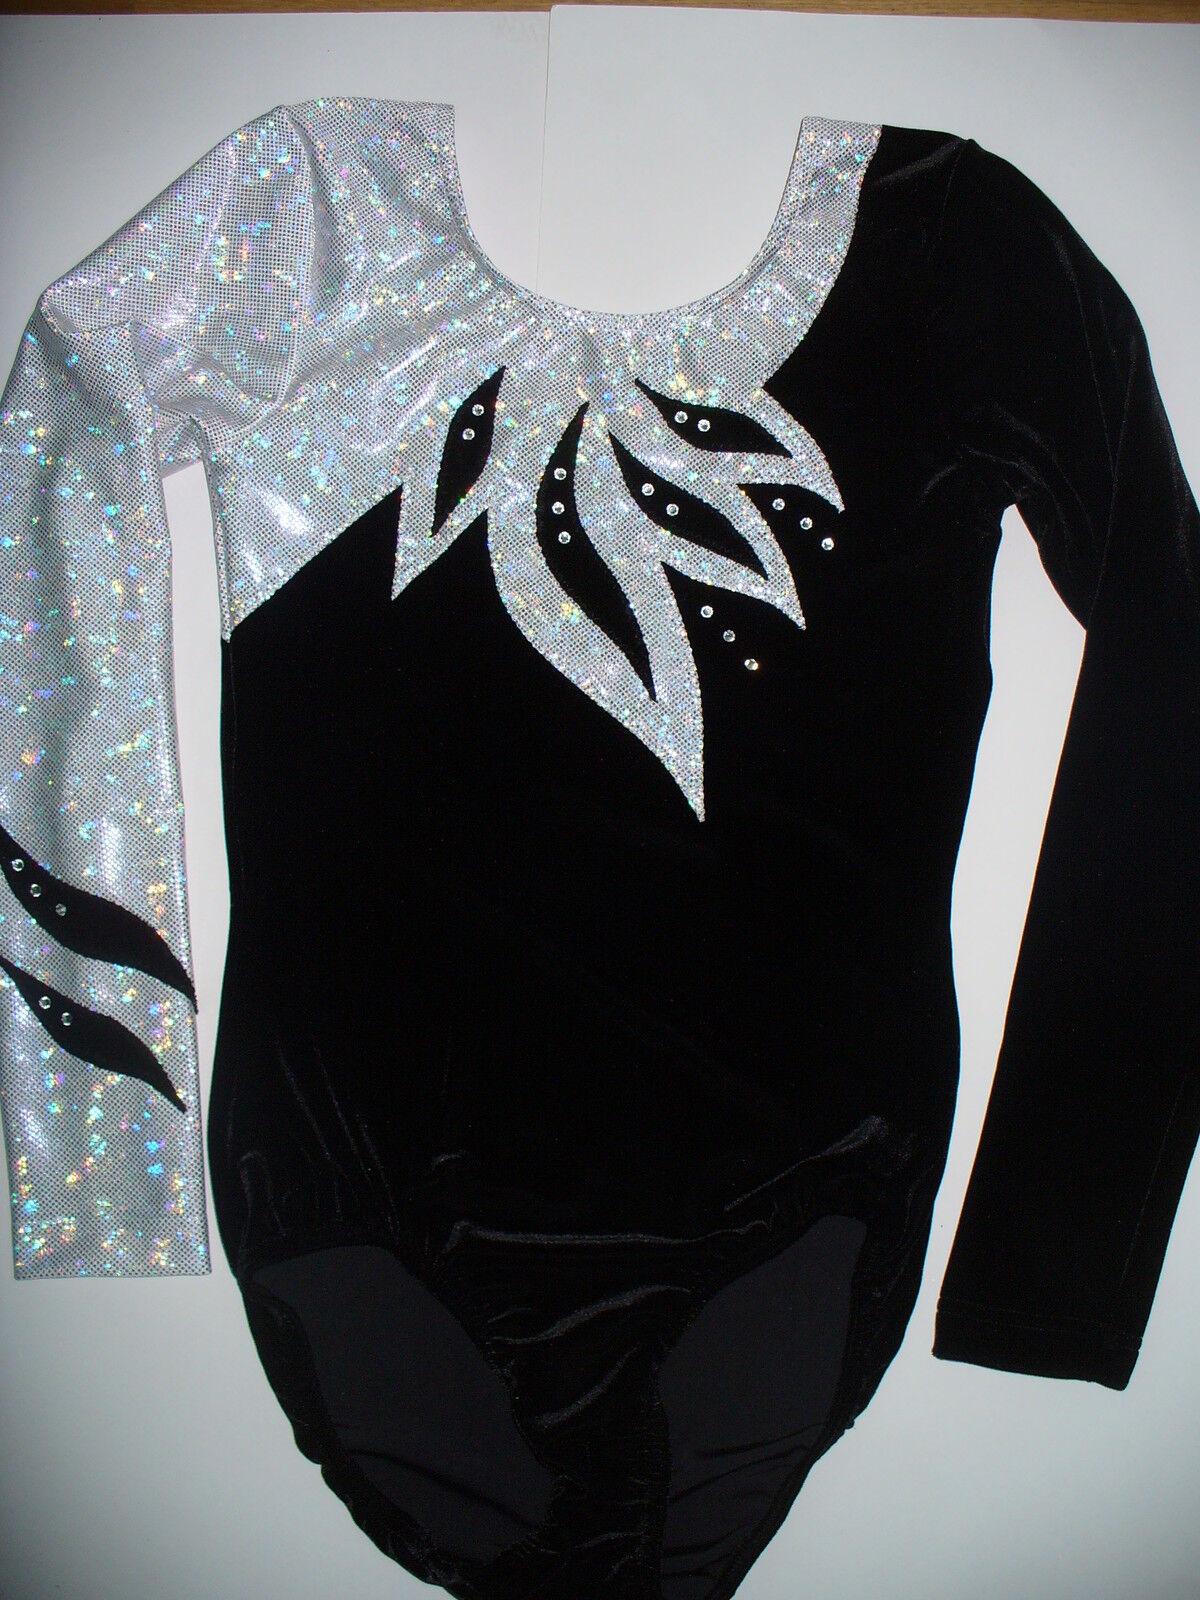 Turnanzug,Gymnastikanzug LM-14 Schwarz Weiß mit Ärmeln